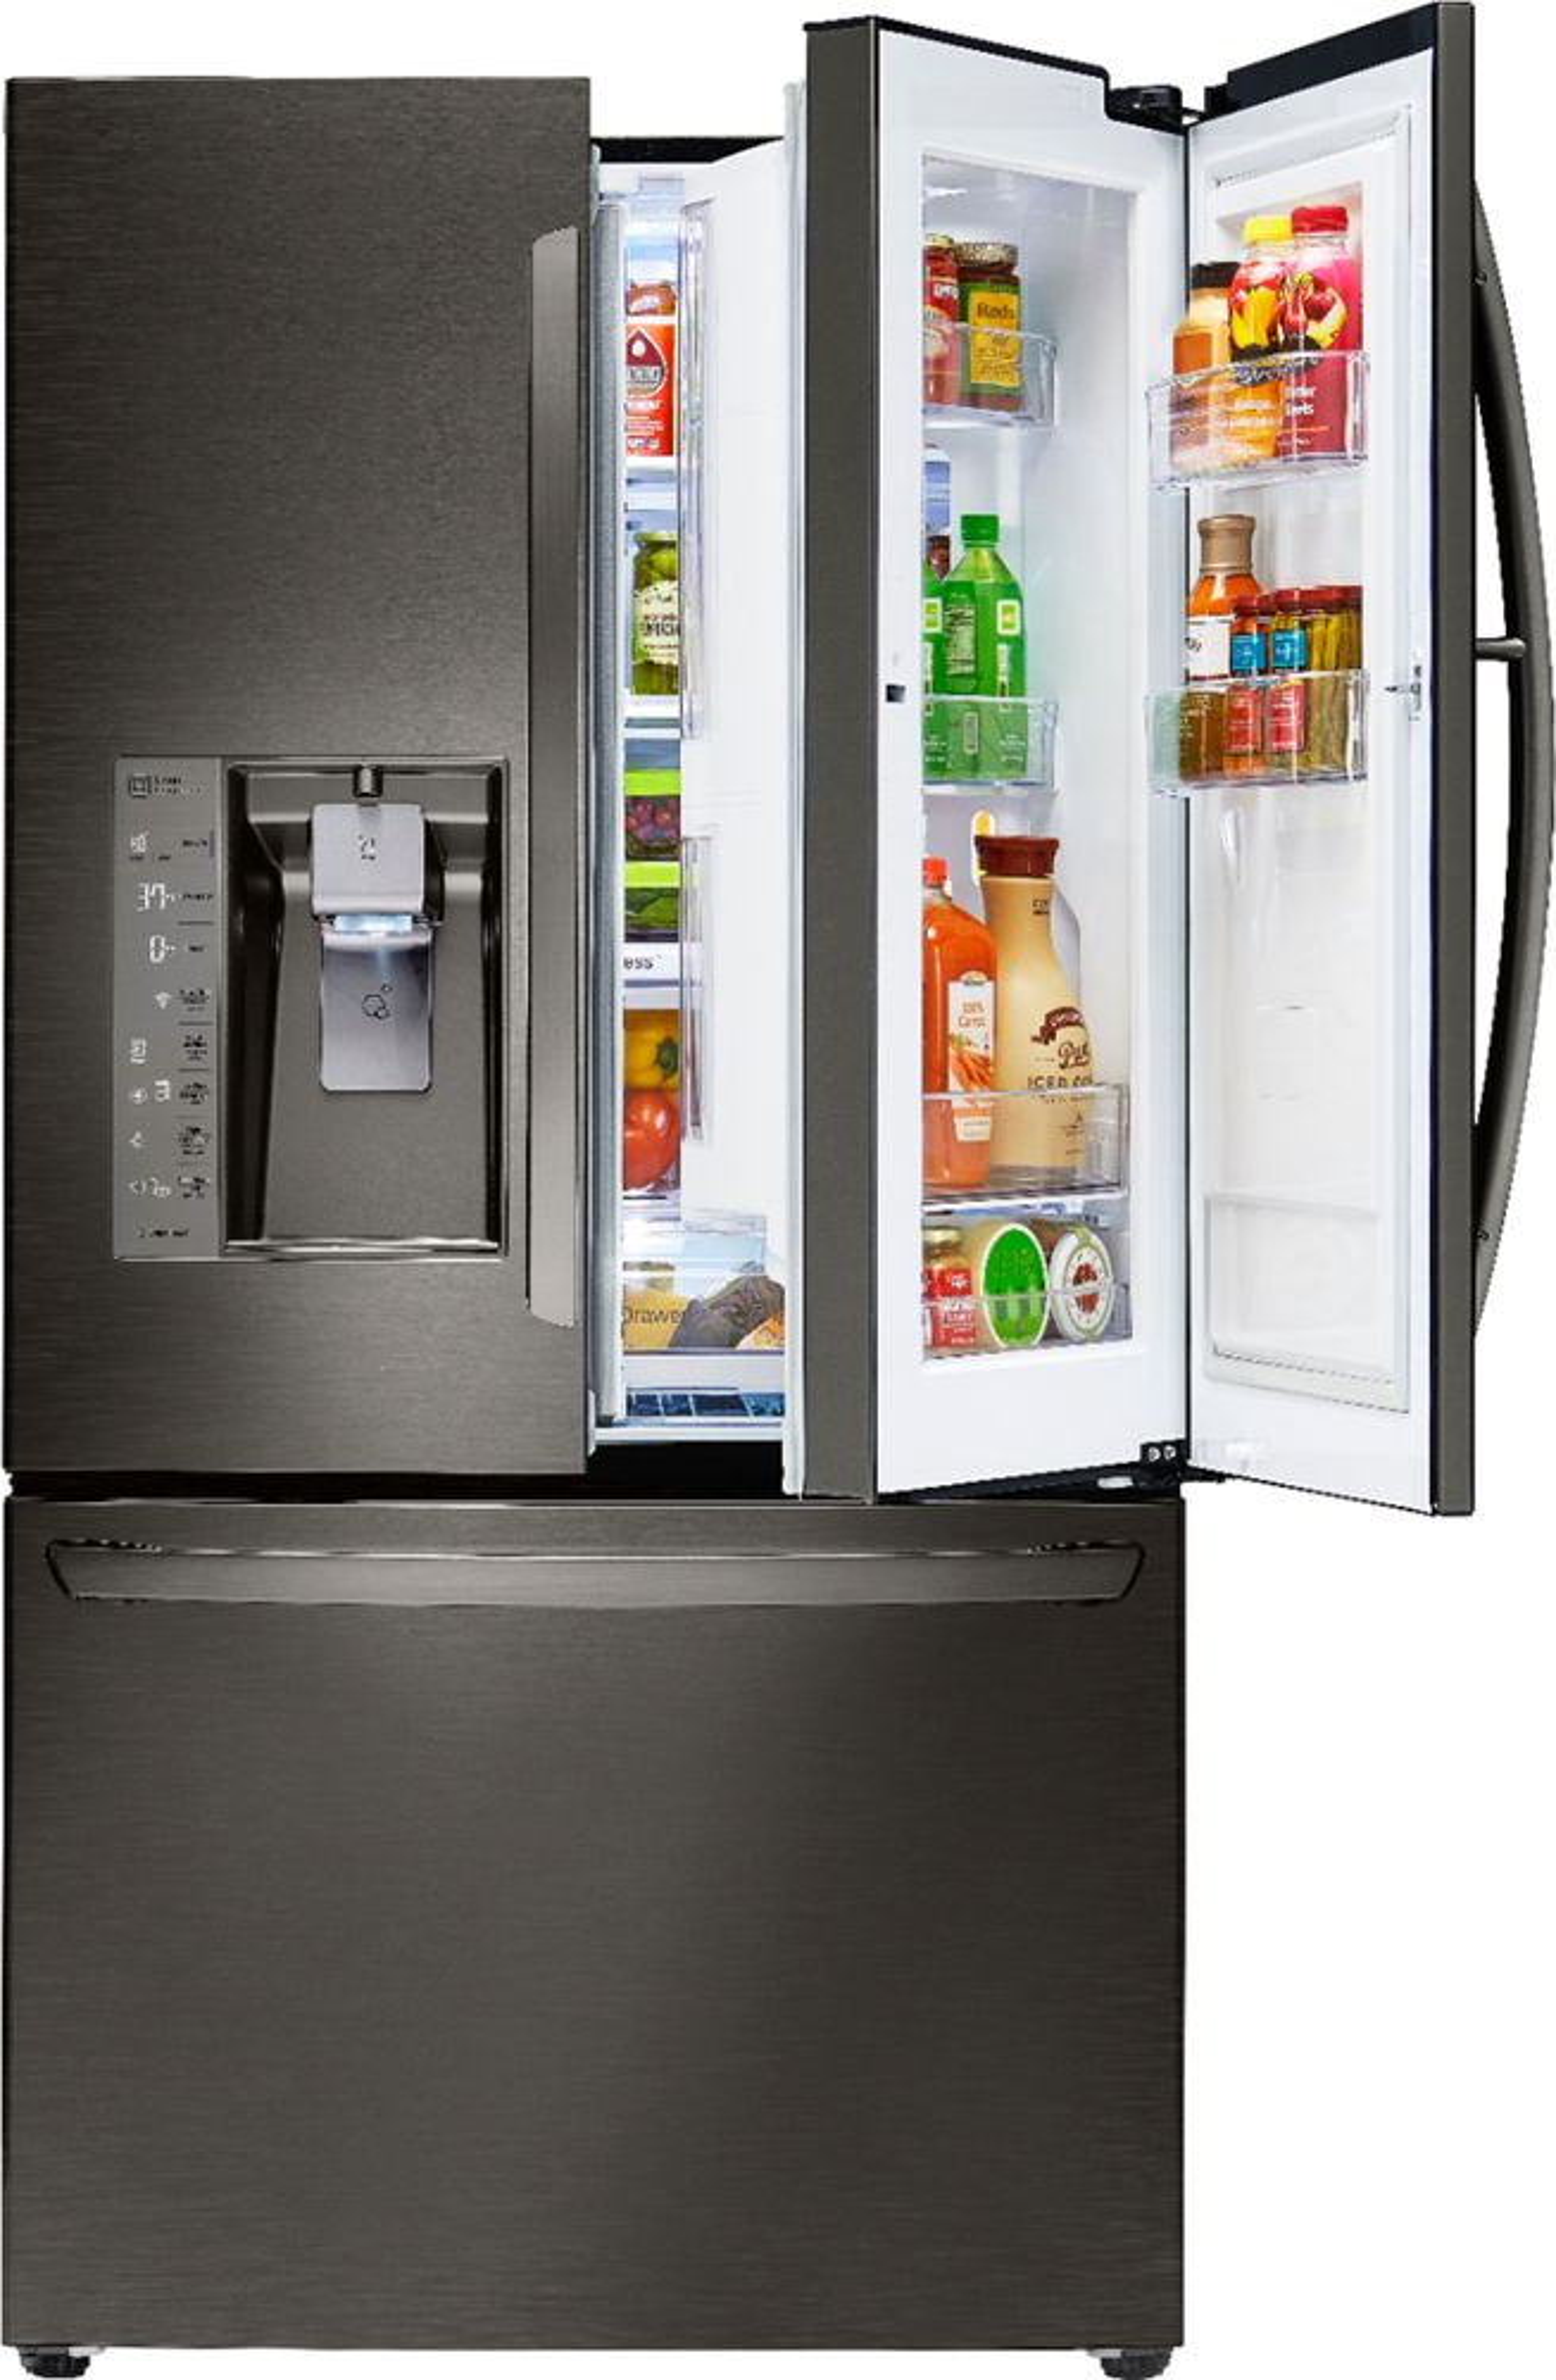 LG - 29.6 Cu. Ft. Door-in-Door French Door Refrigerator - Black stainless steel largeFrontImage